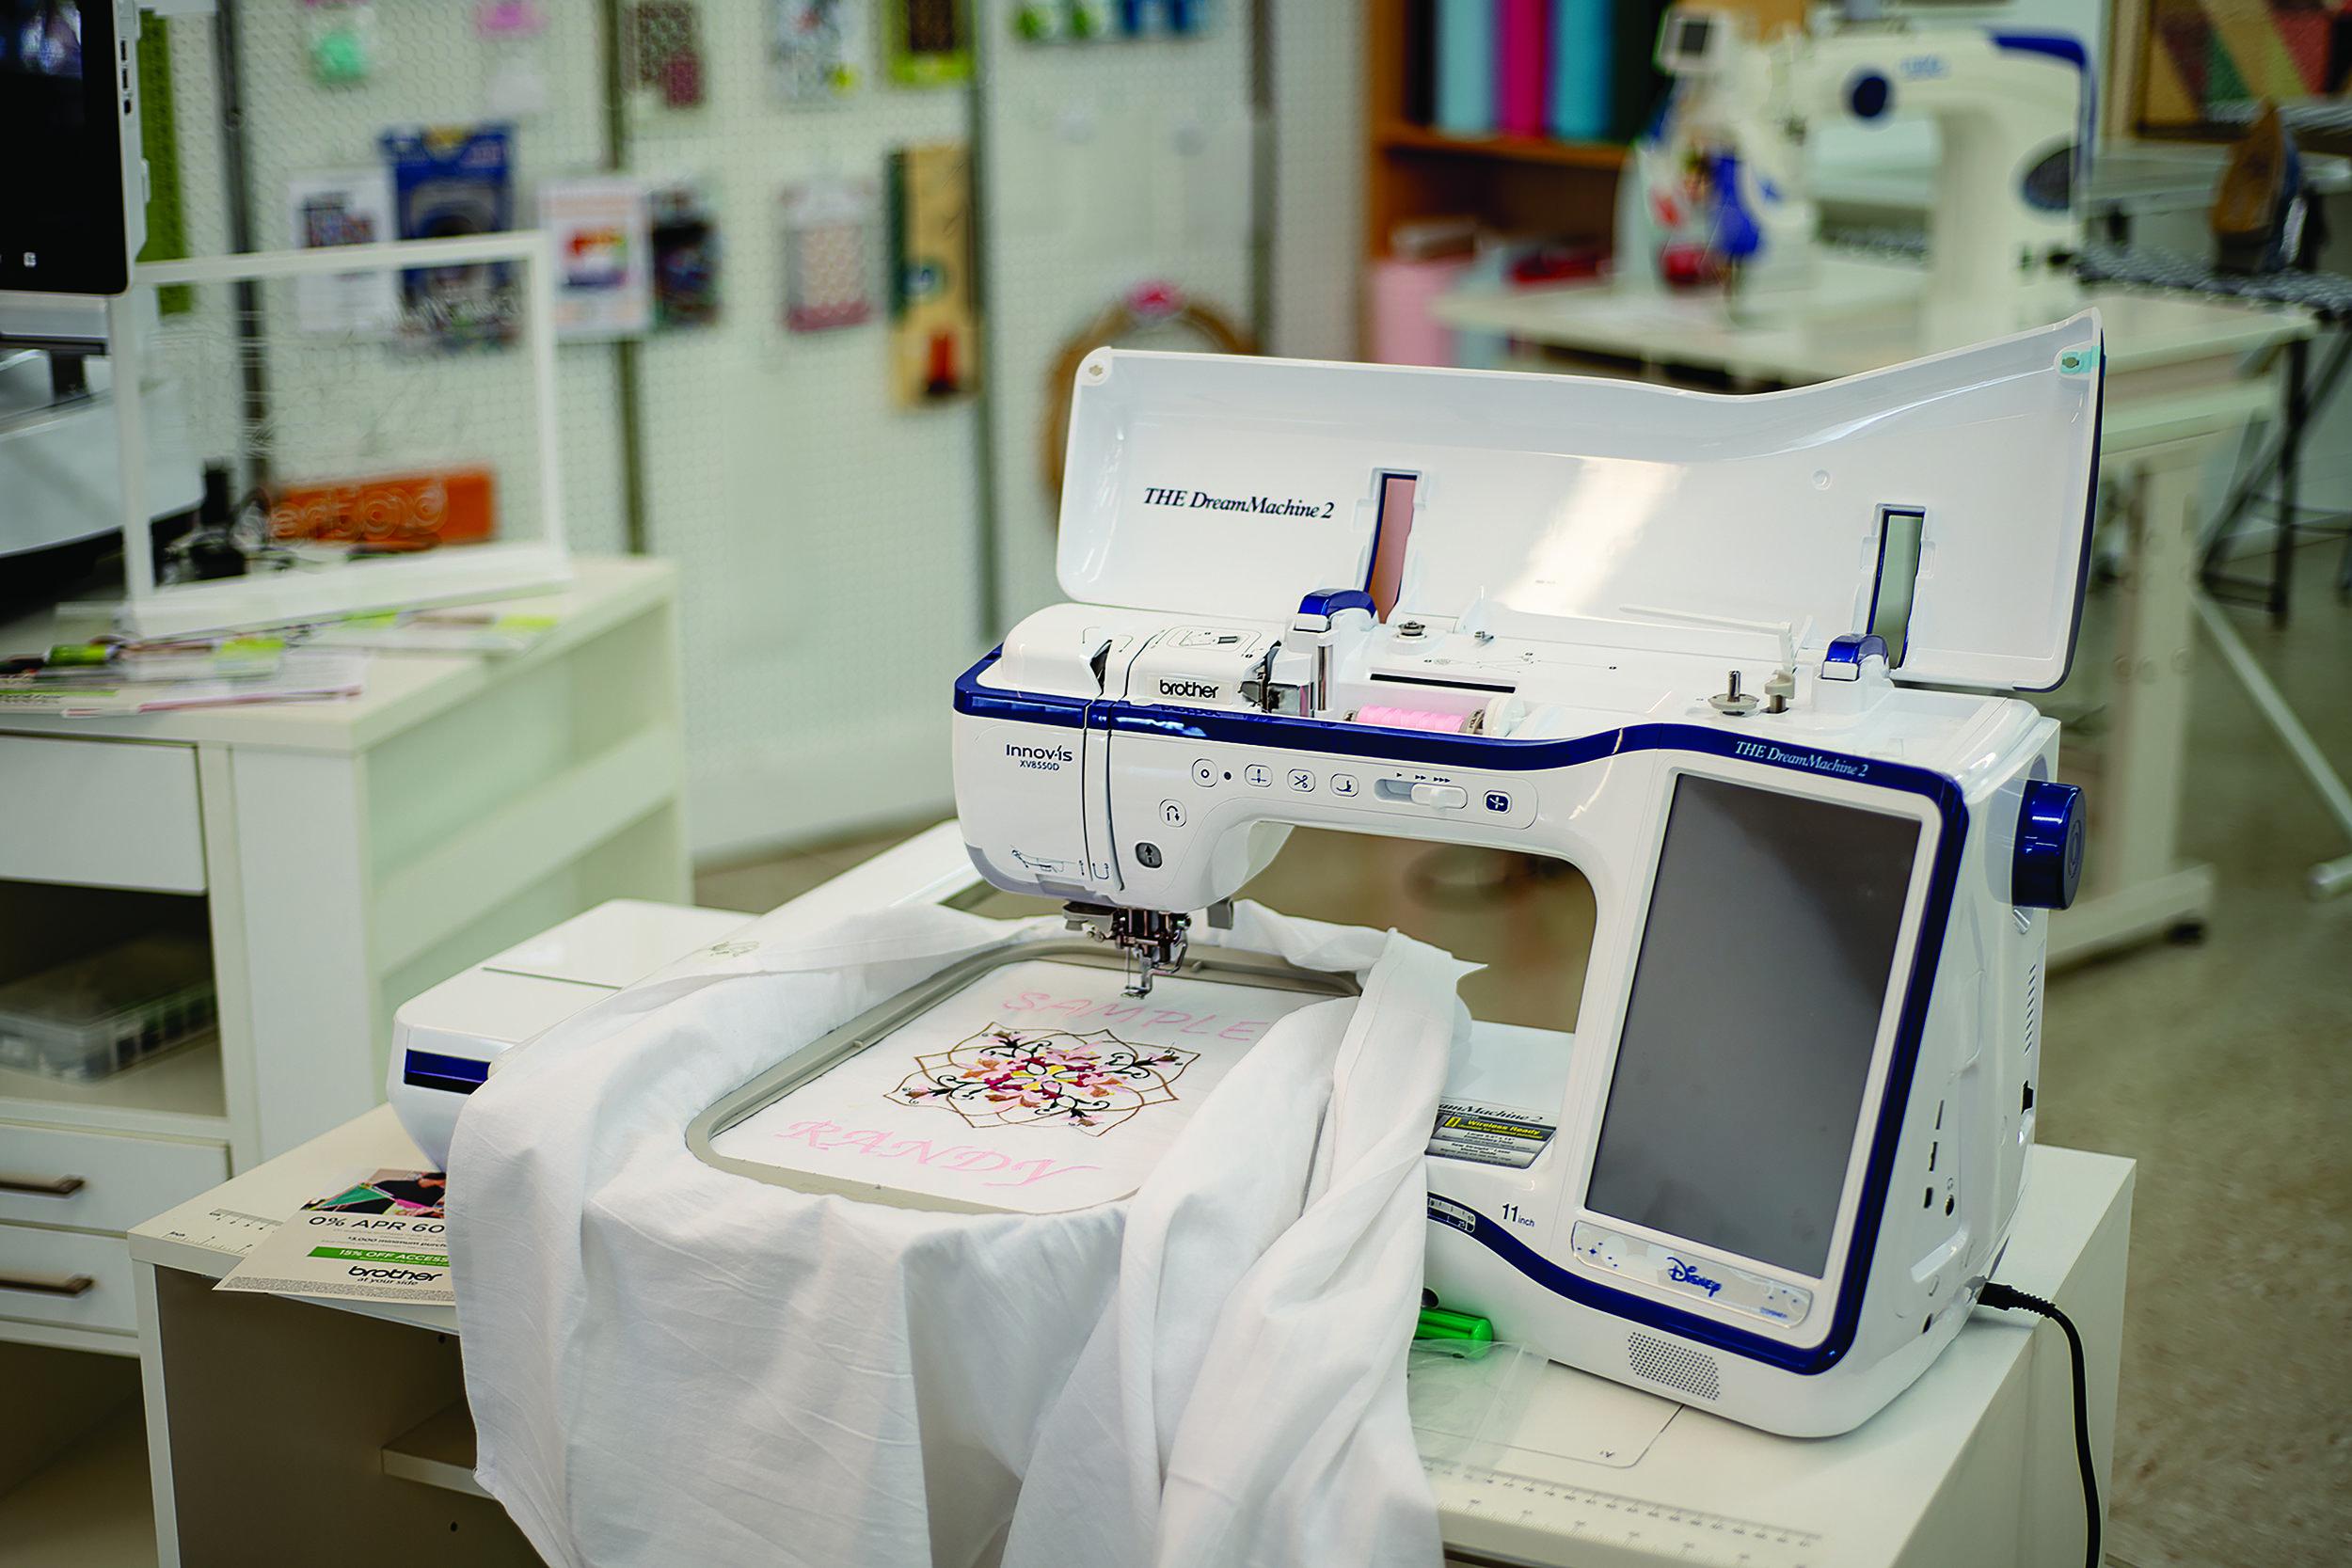 Stitching Store RAW_203.jpg